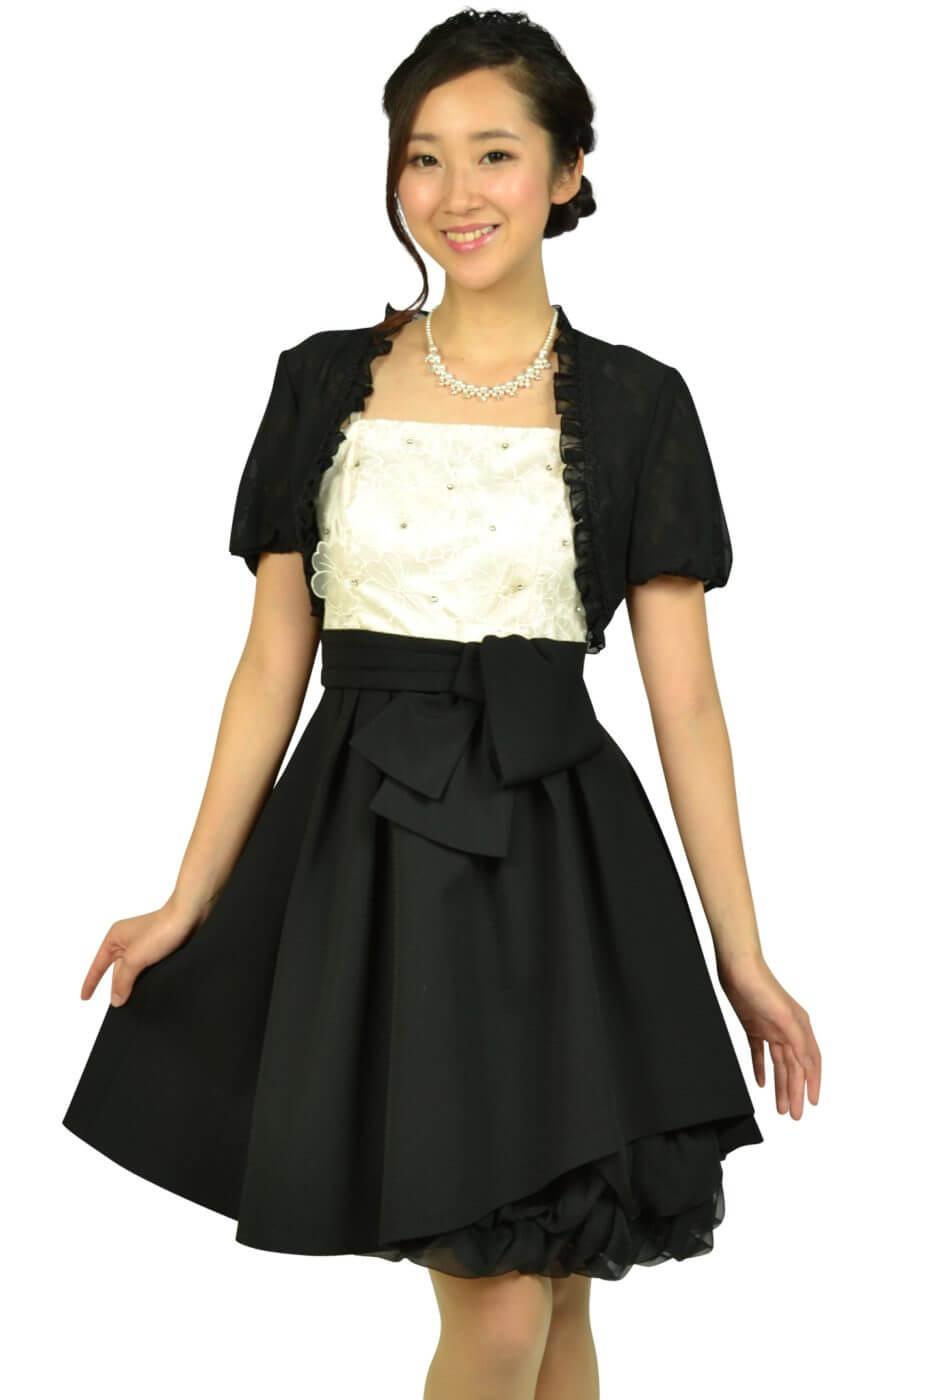 アプワイザー・リッシェ (Apuweiser-riche)フラワー刺繍オフホワイト×ブラックドレスセット